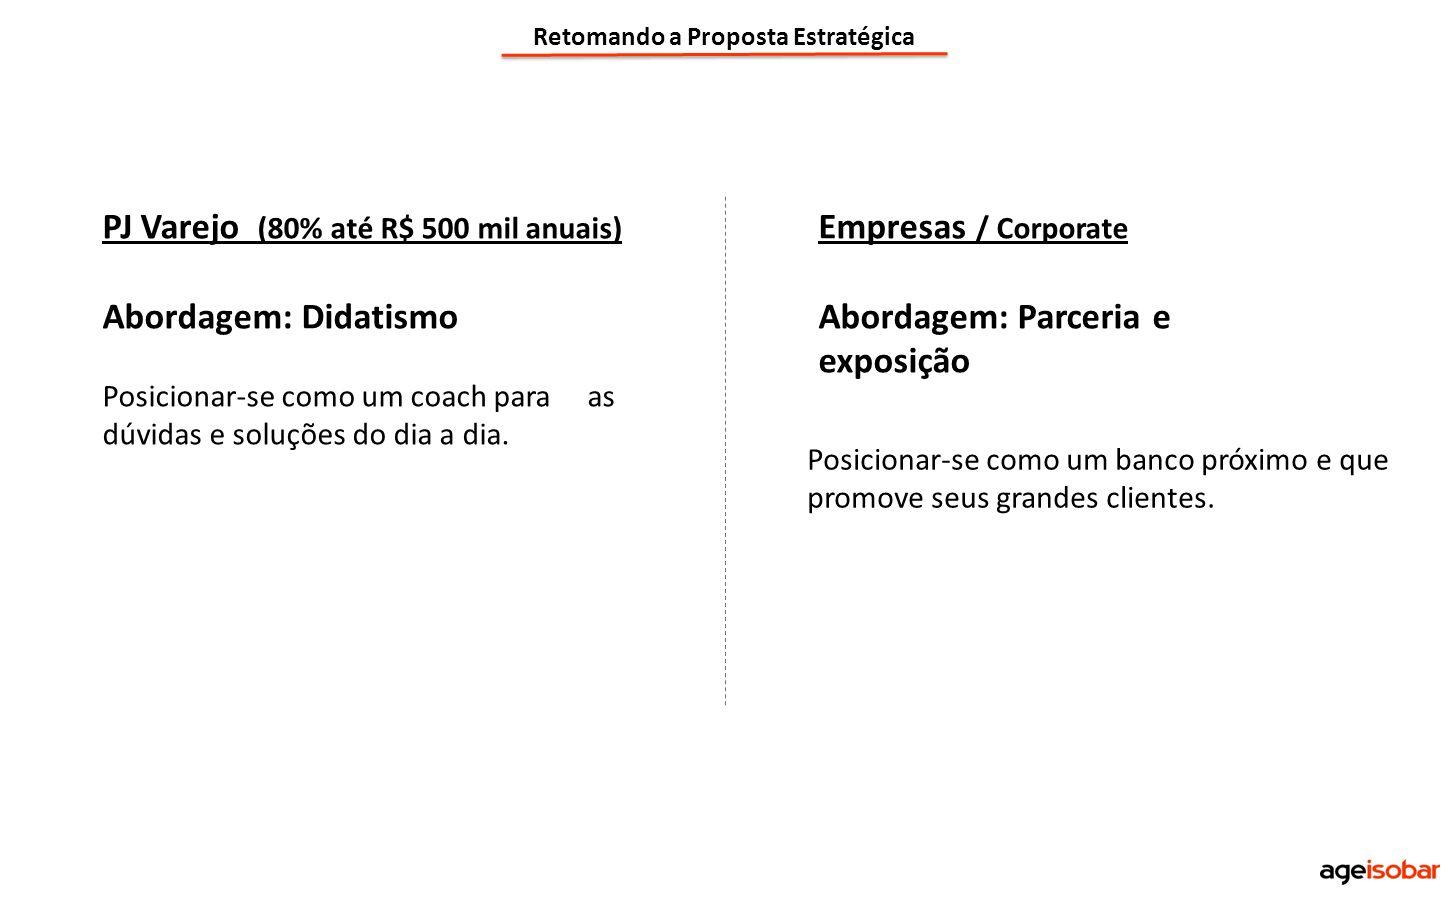 PJ Varejo (80% até R$ 500 mil anuais) Abordagem: Didatismo Posicionar-se como um coach para as dúvidas e soluções do dia a dia. Empresas / Corporate A